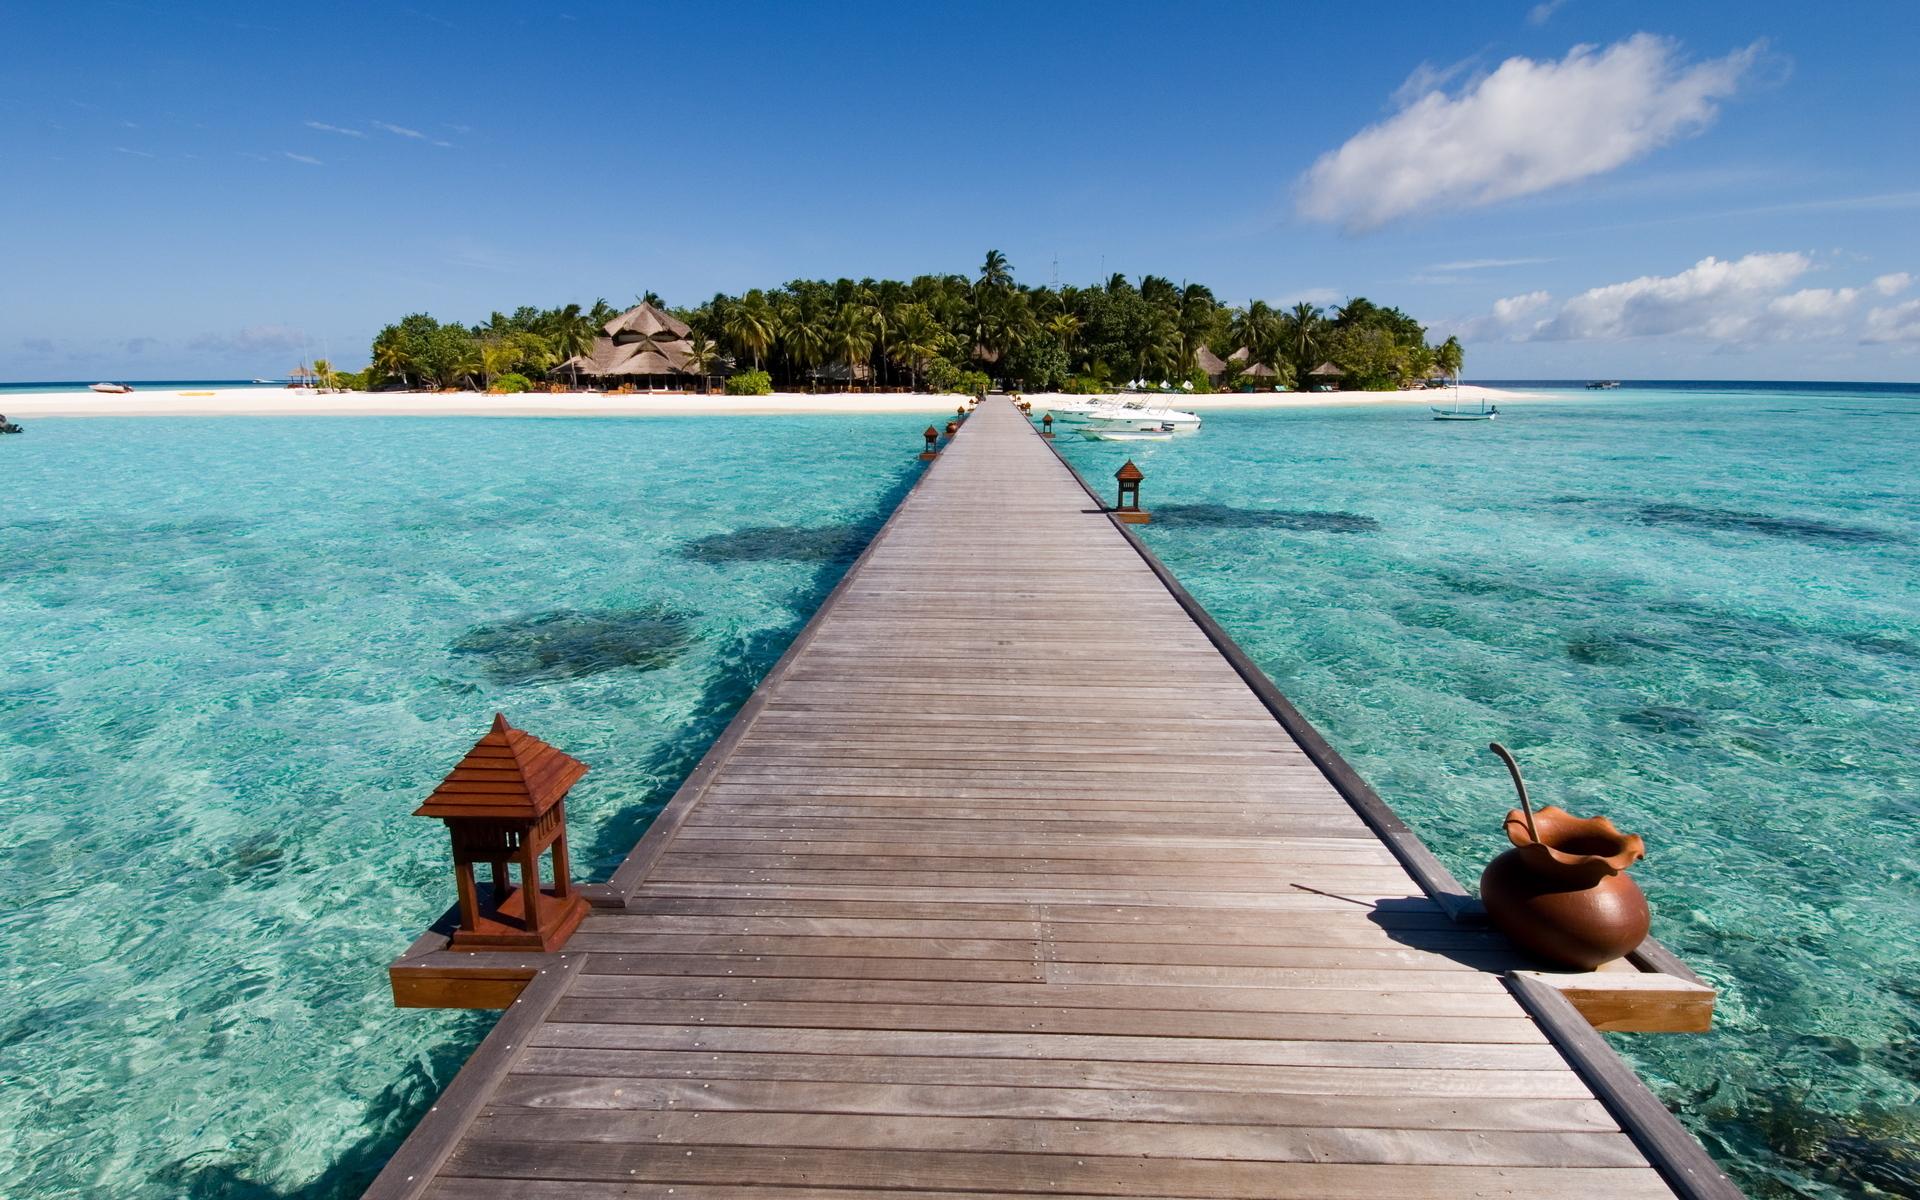 райские пляжи мира обороты